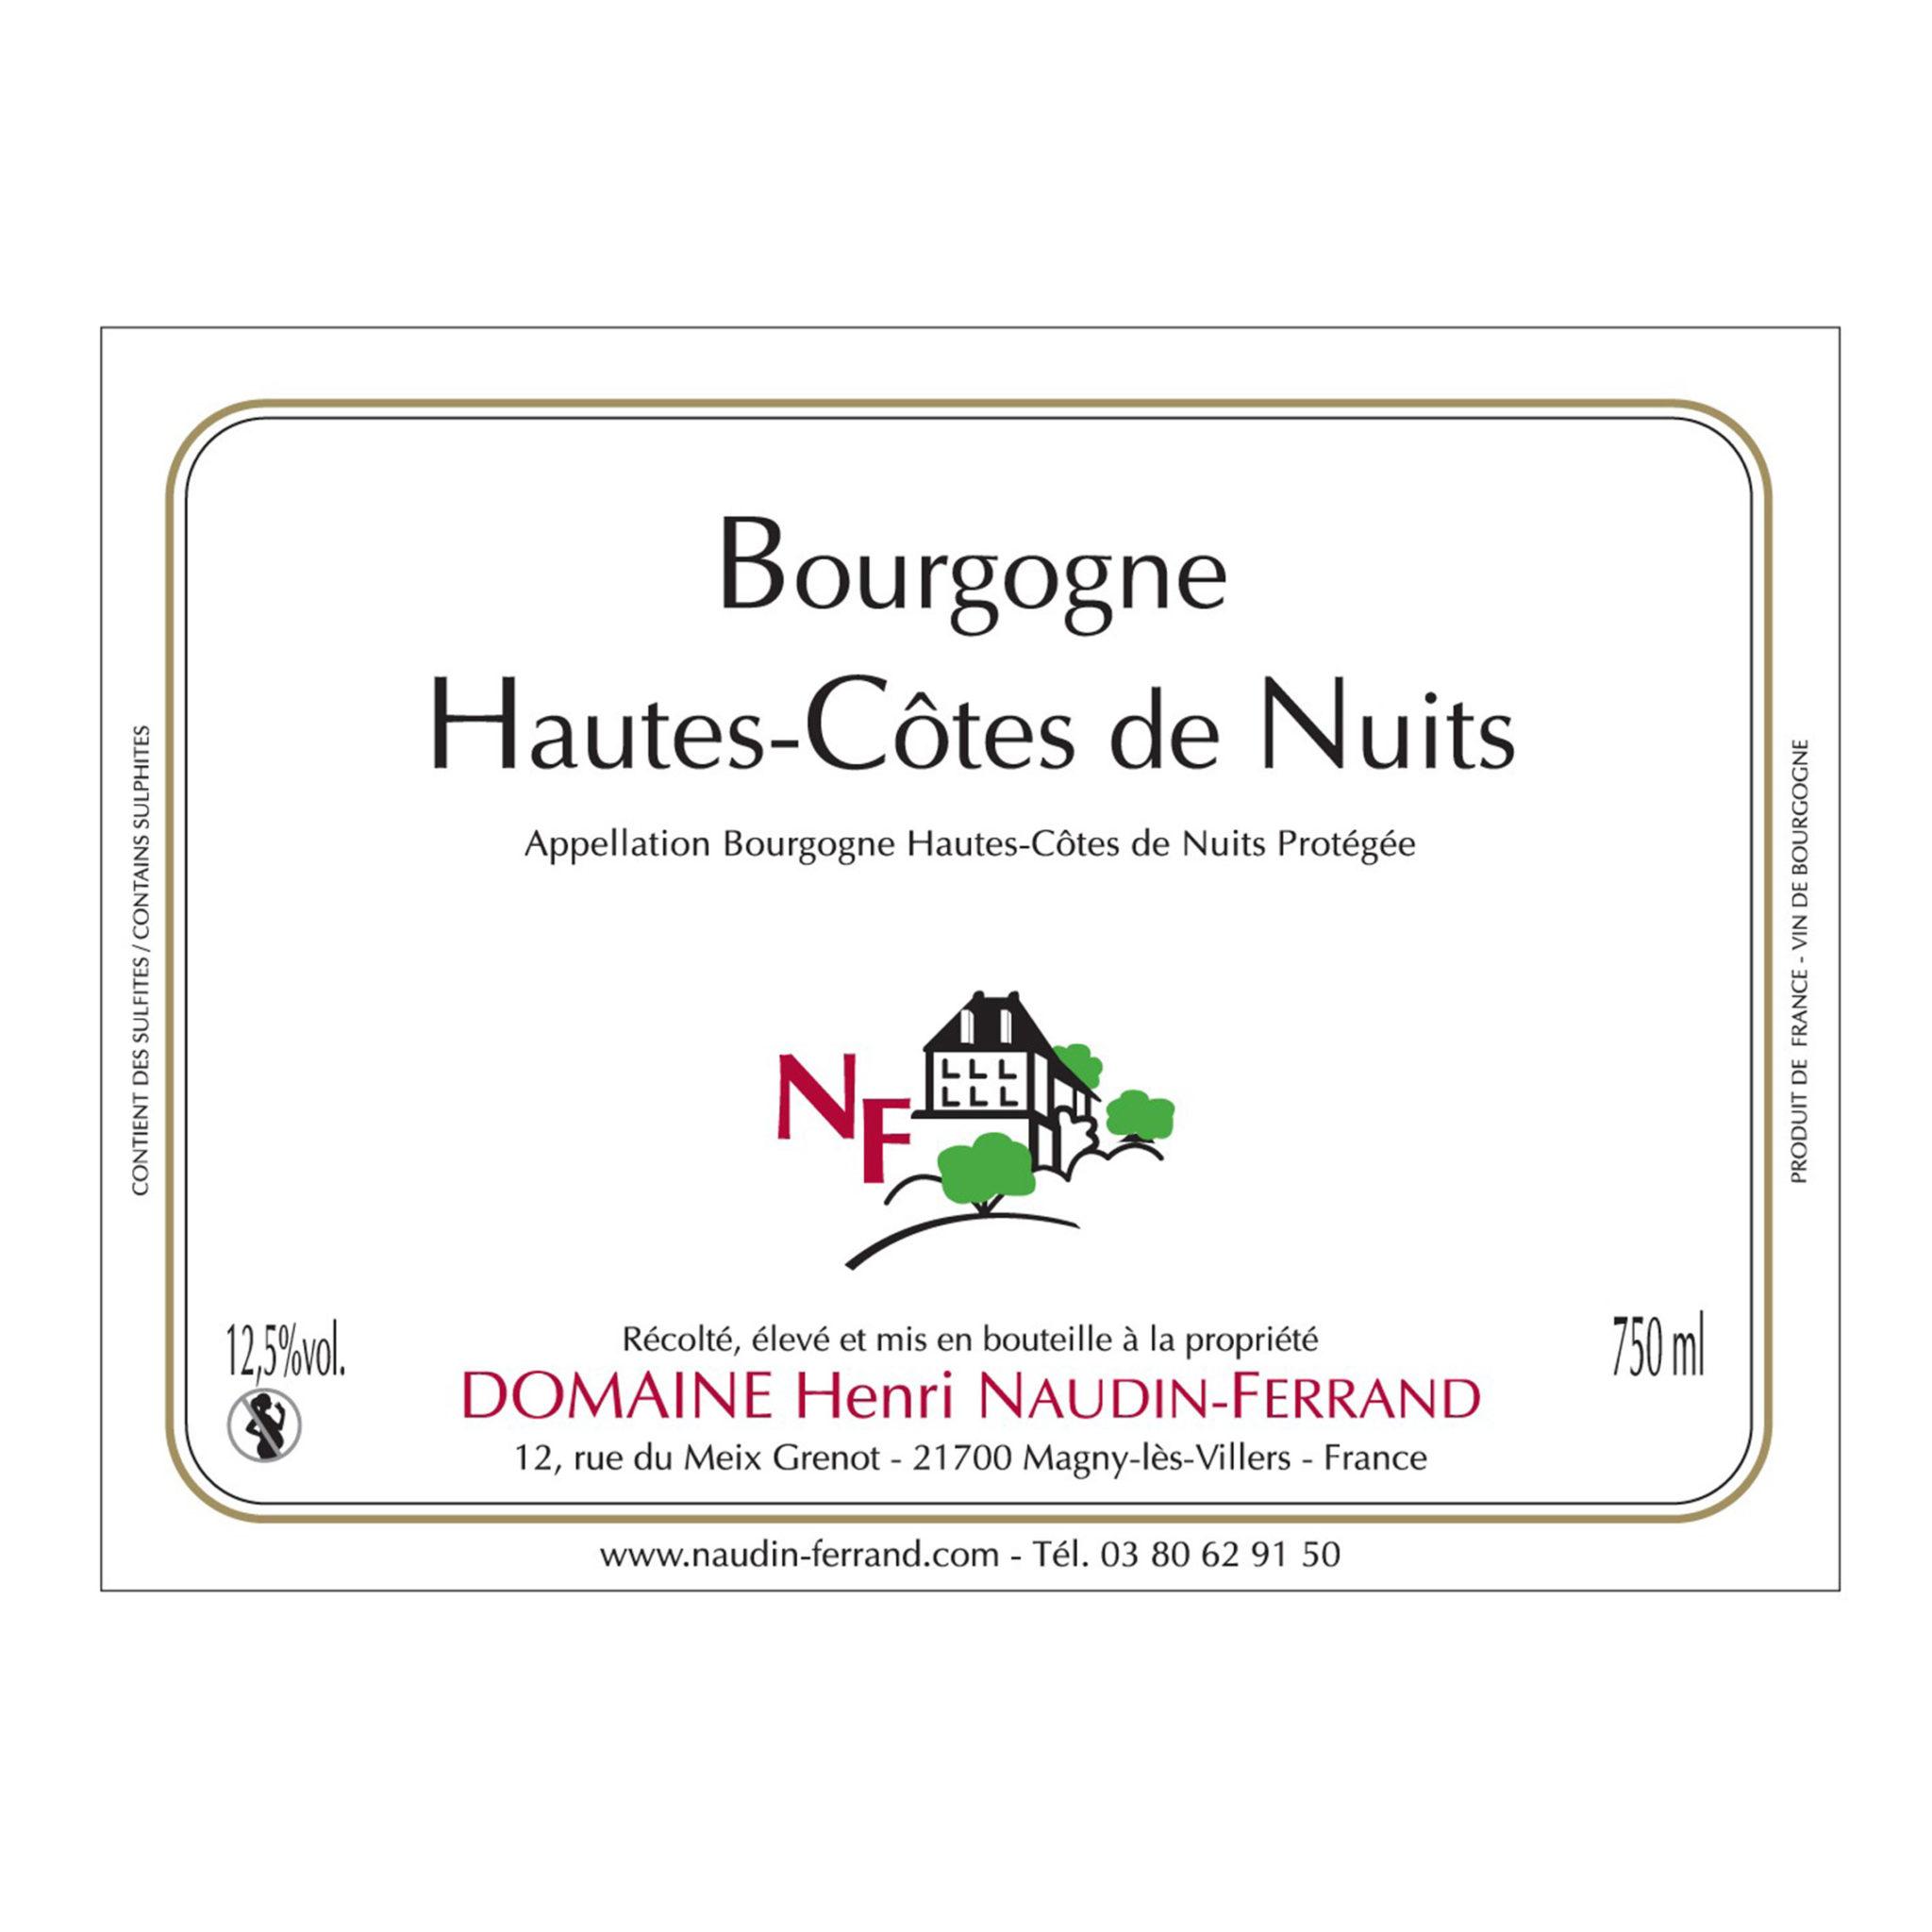 Bourgogne Hautes-Côtes de Nuits Domaine Henri Naudin Ferrand